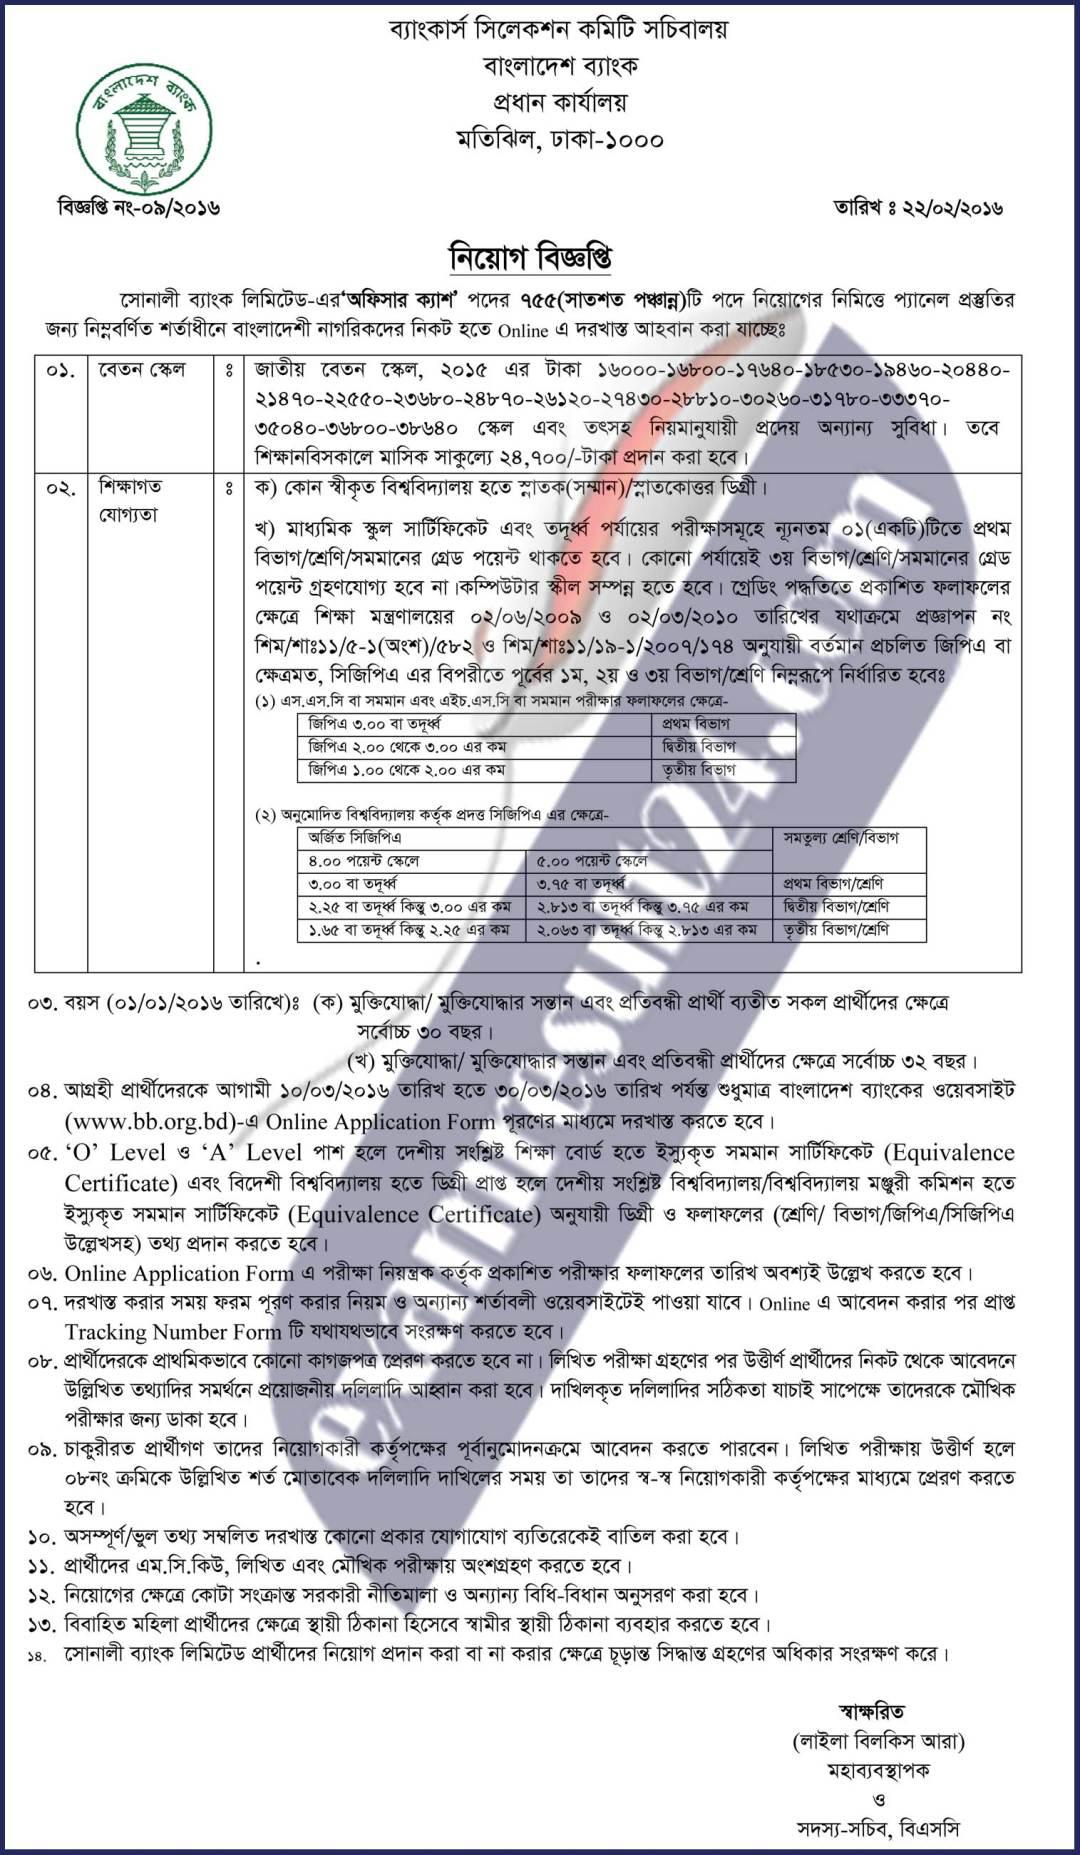 Sonali Bank Limited Officer Cash Job Circular